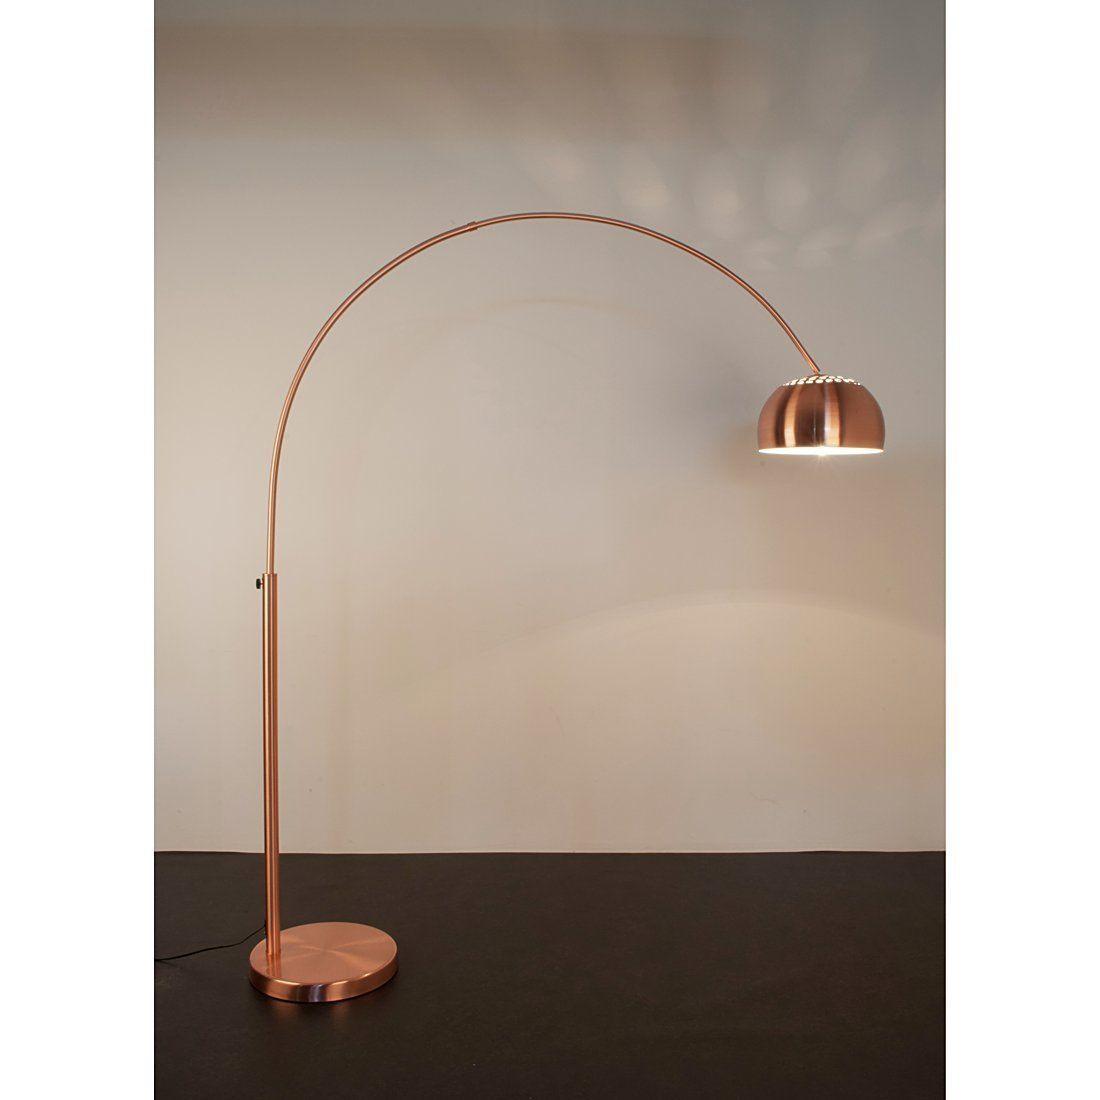 Eitelkeit Stehlampe Kupfer Galerie Von 200 Euro Metal Bow Kupfer: Concept.de: Beleuchtung